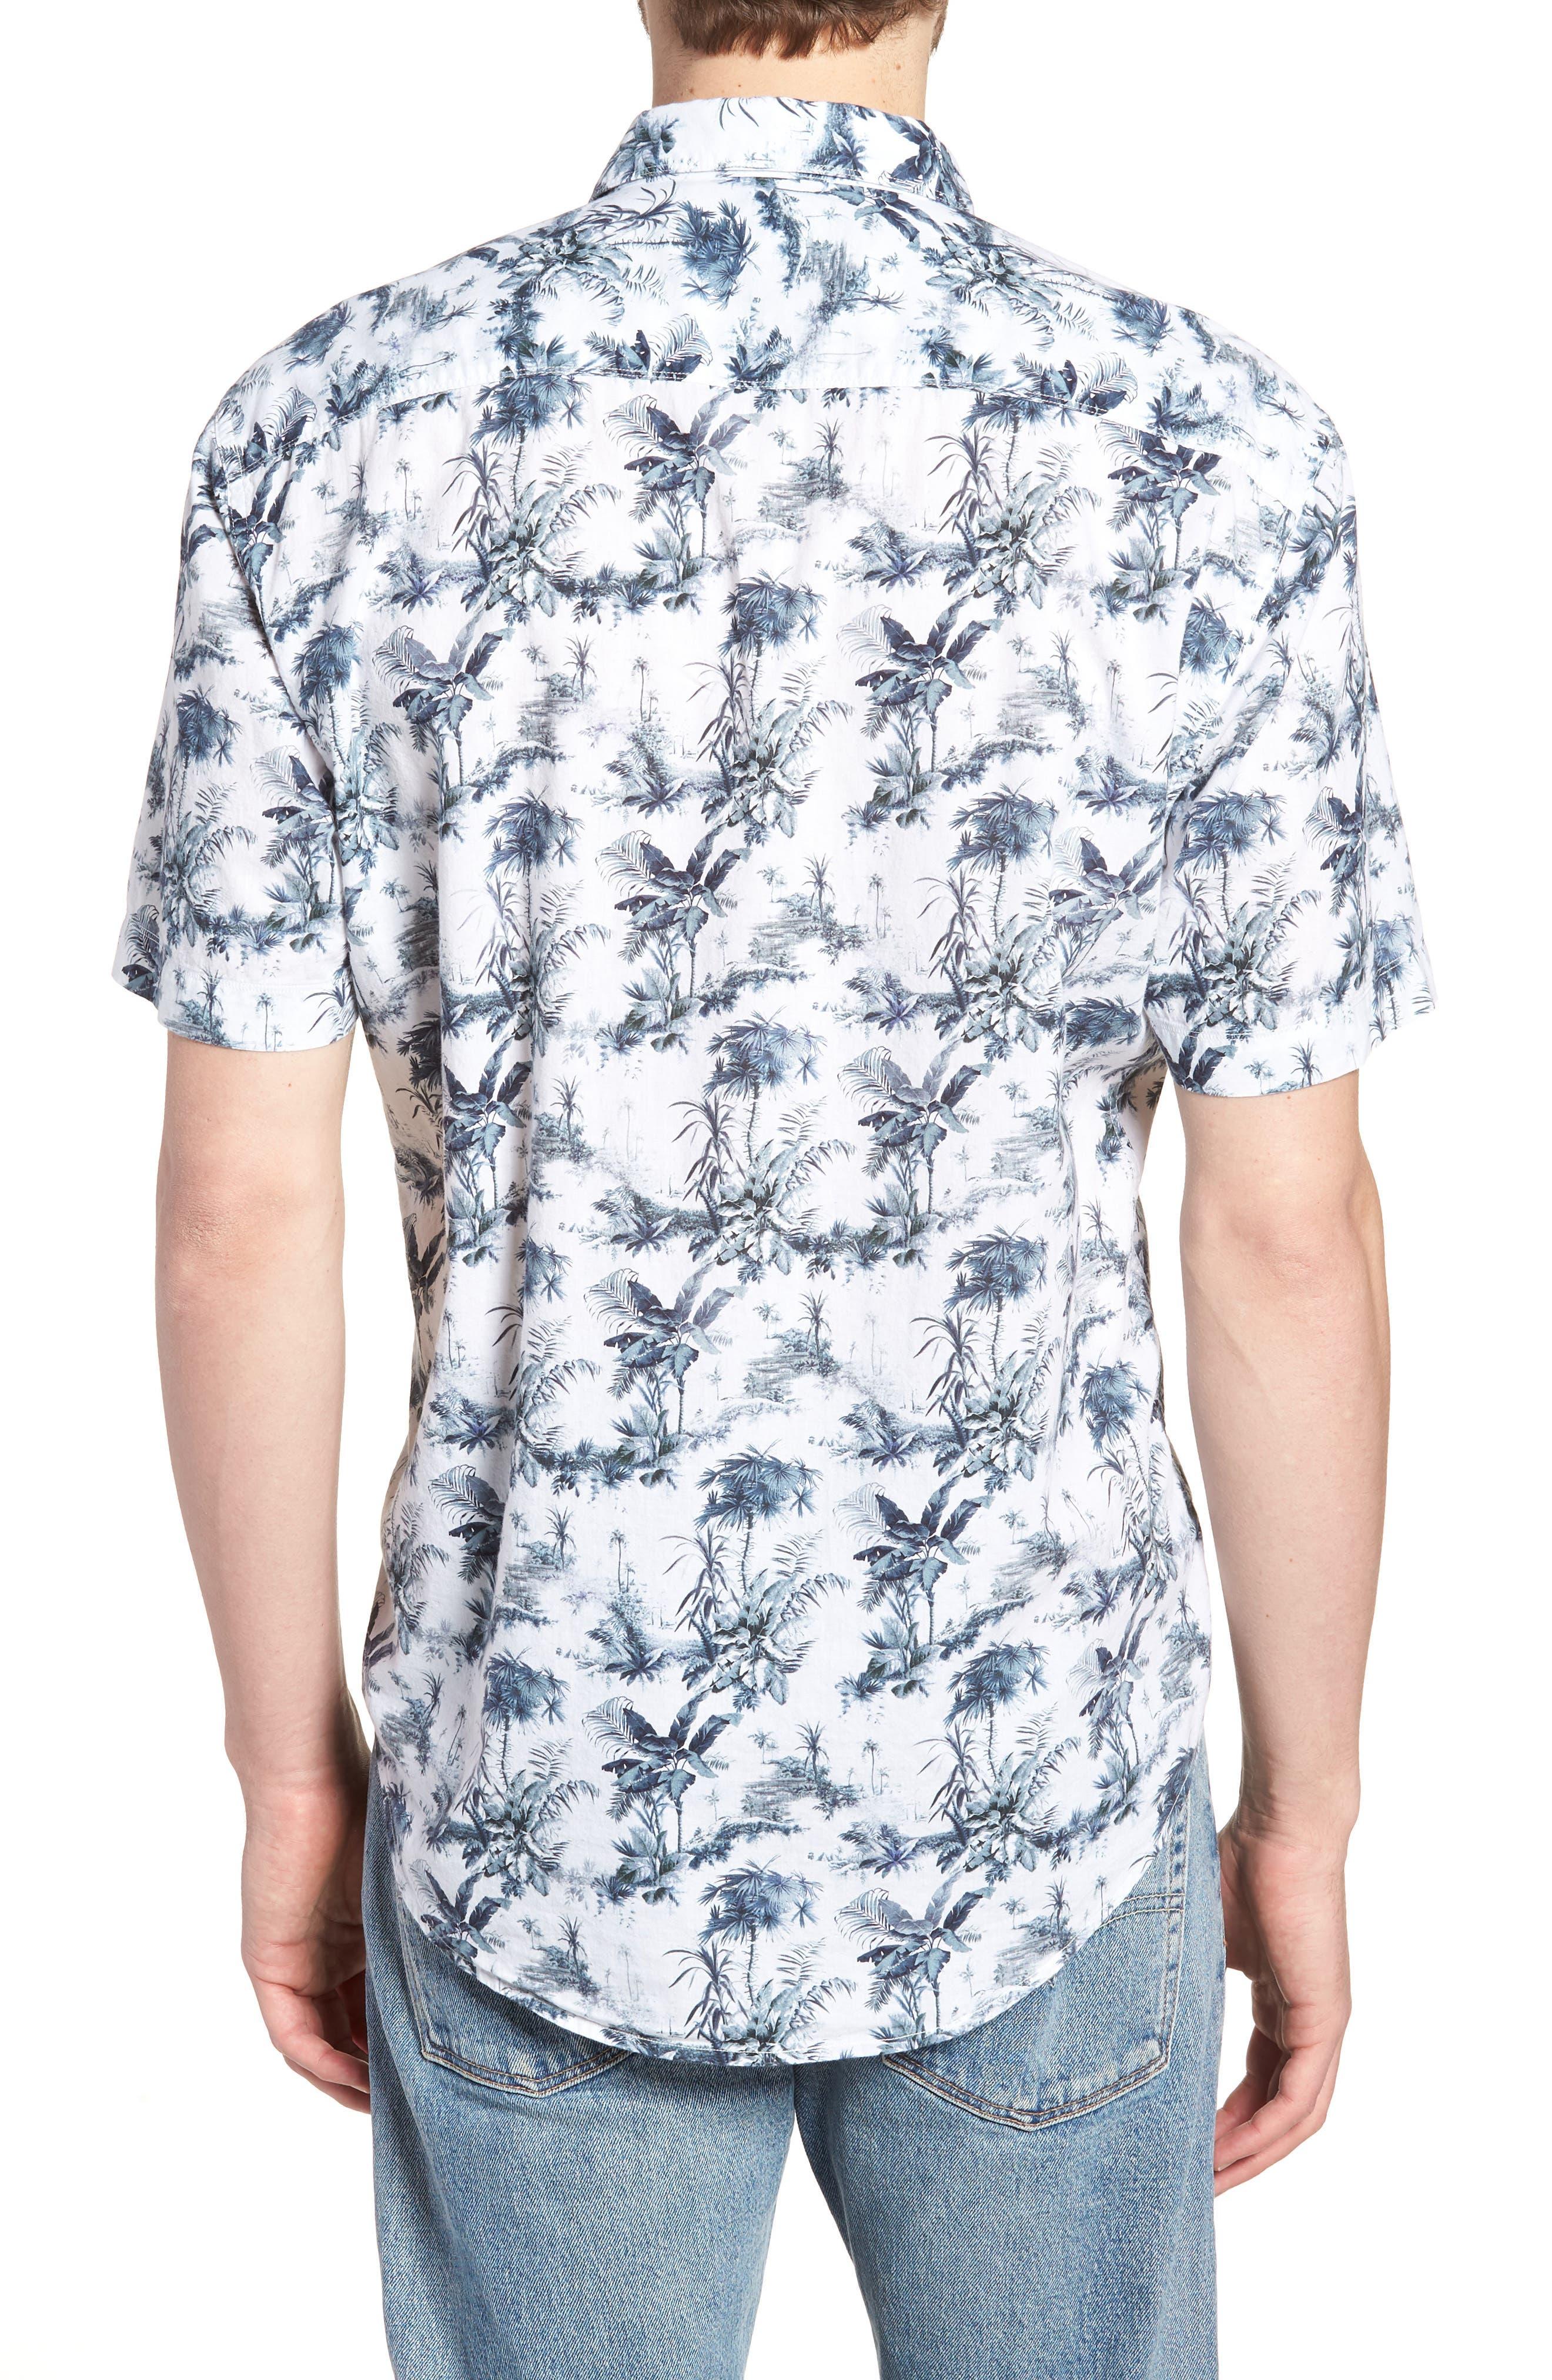 Waiki Regular Fit Short Sleeve Sport Shirt,                             Alternate thumbnail 3, color,                             White